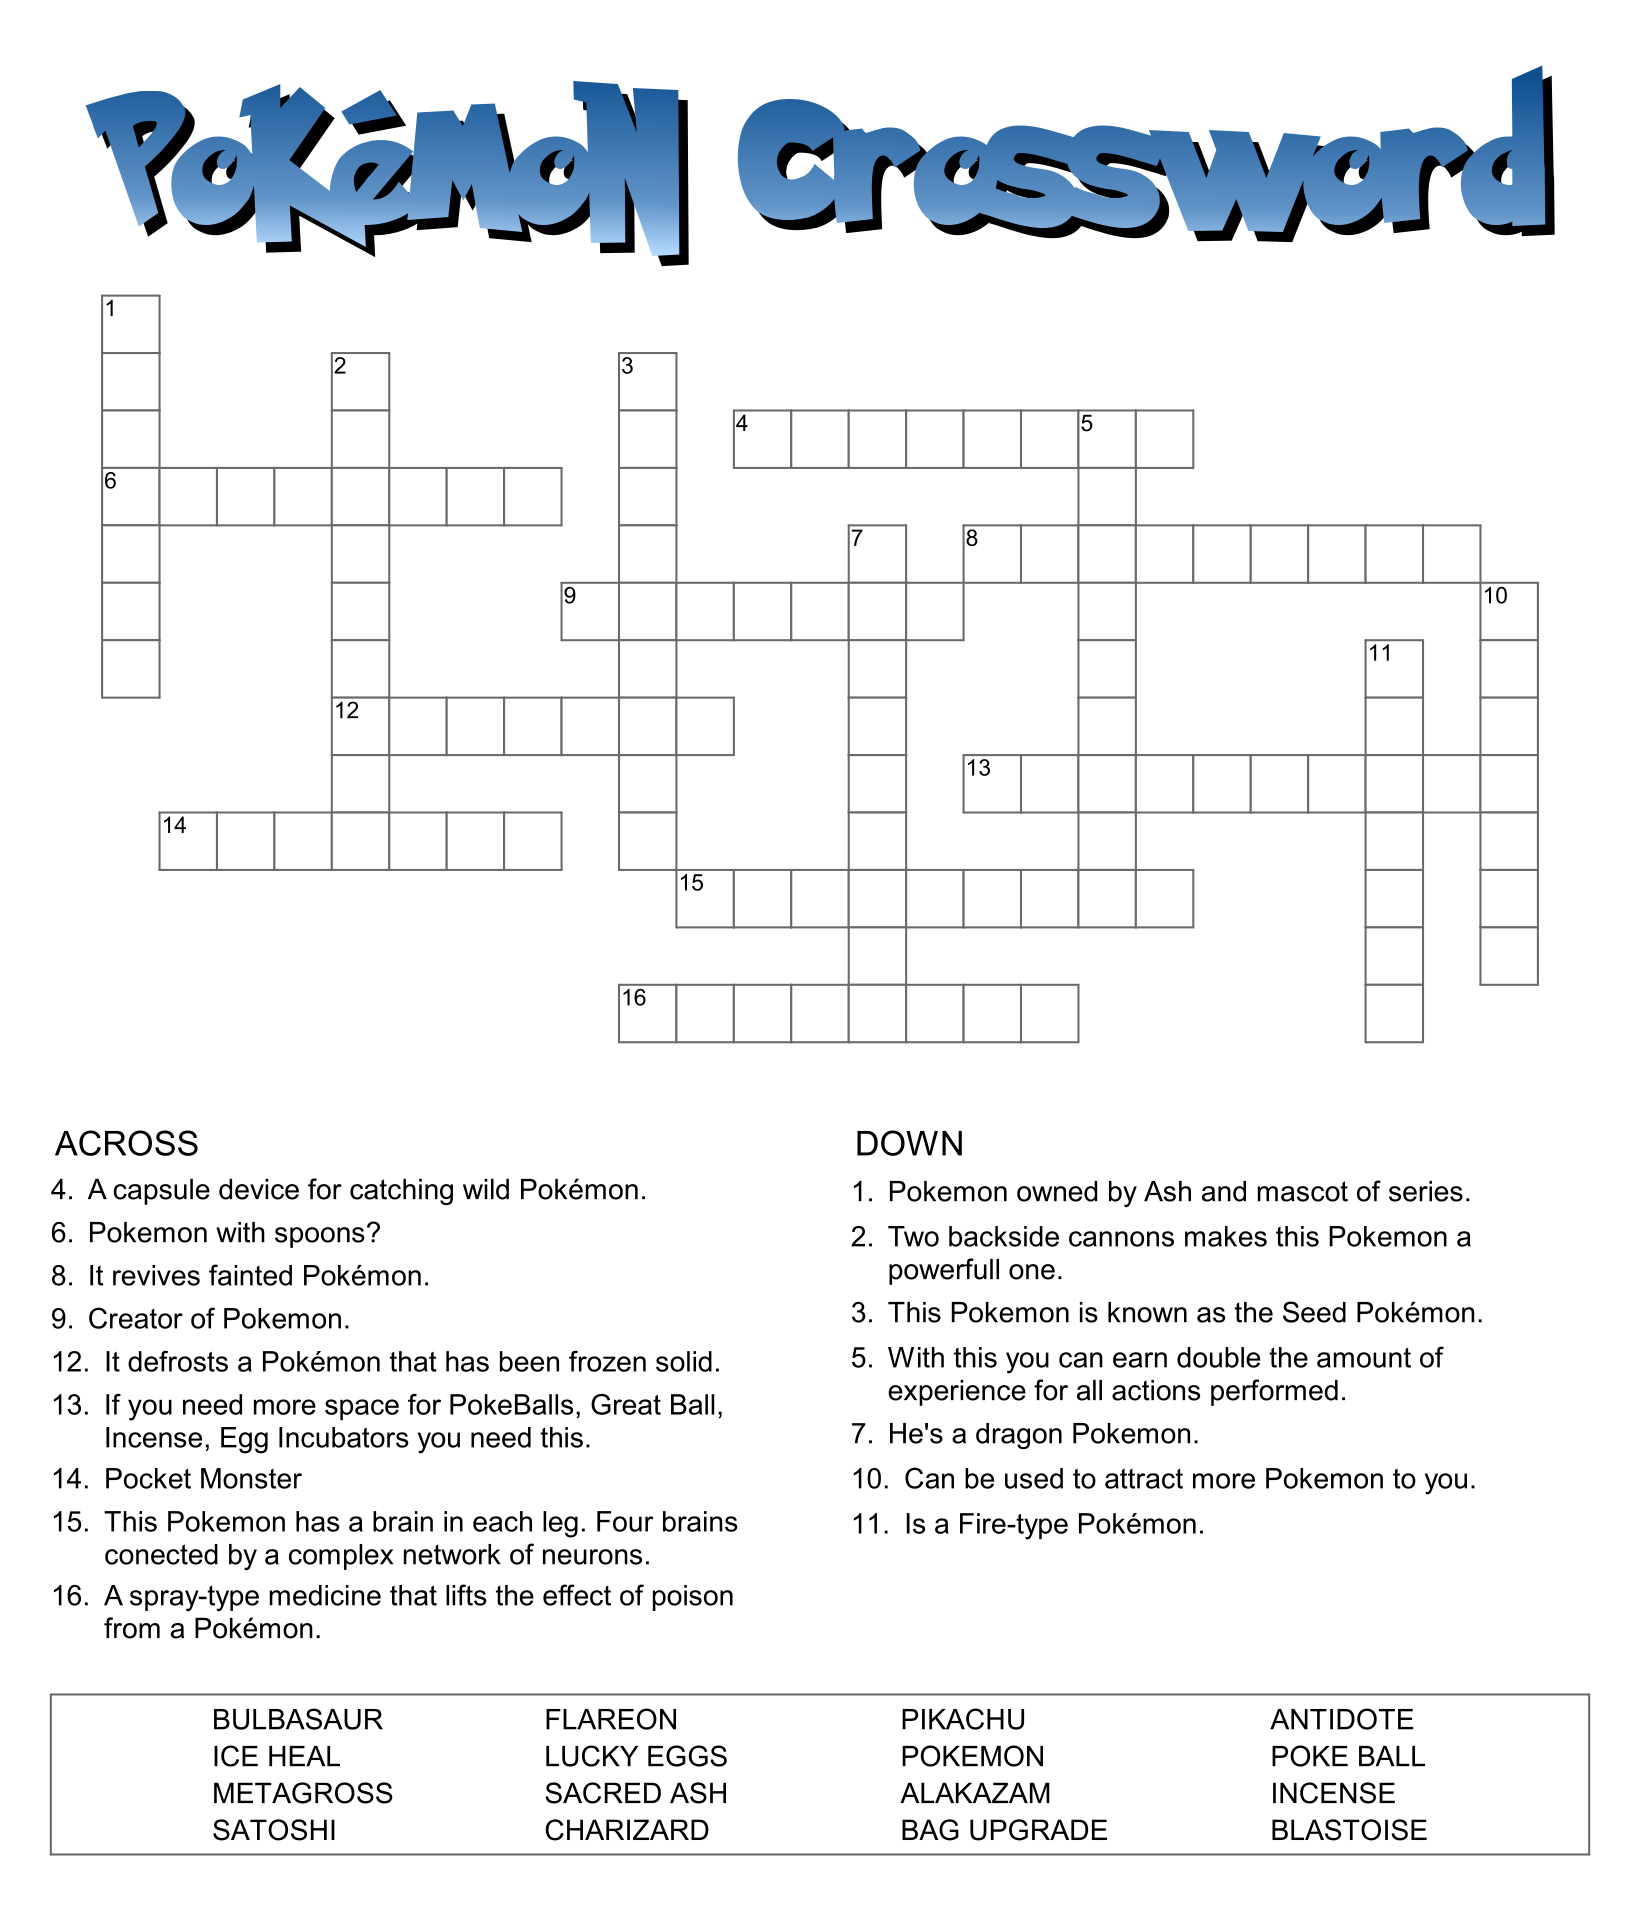 Pokemon Crossword Puzzles Printable